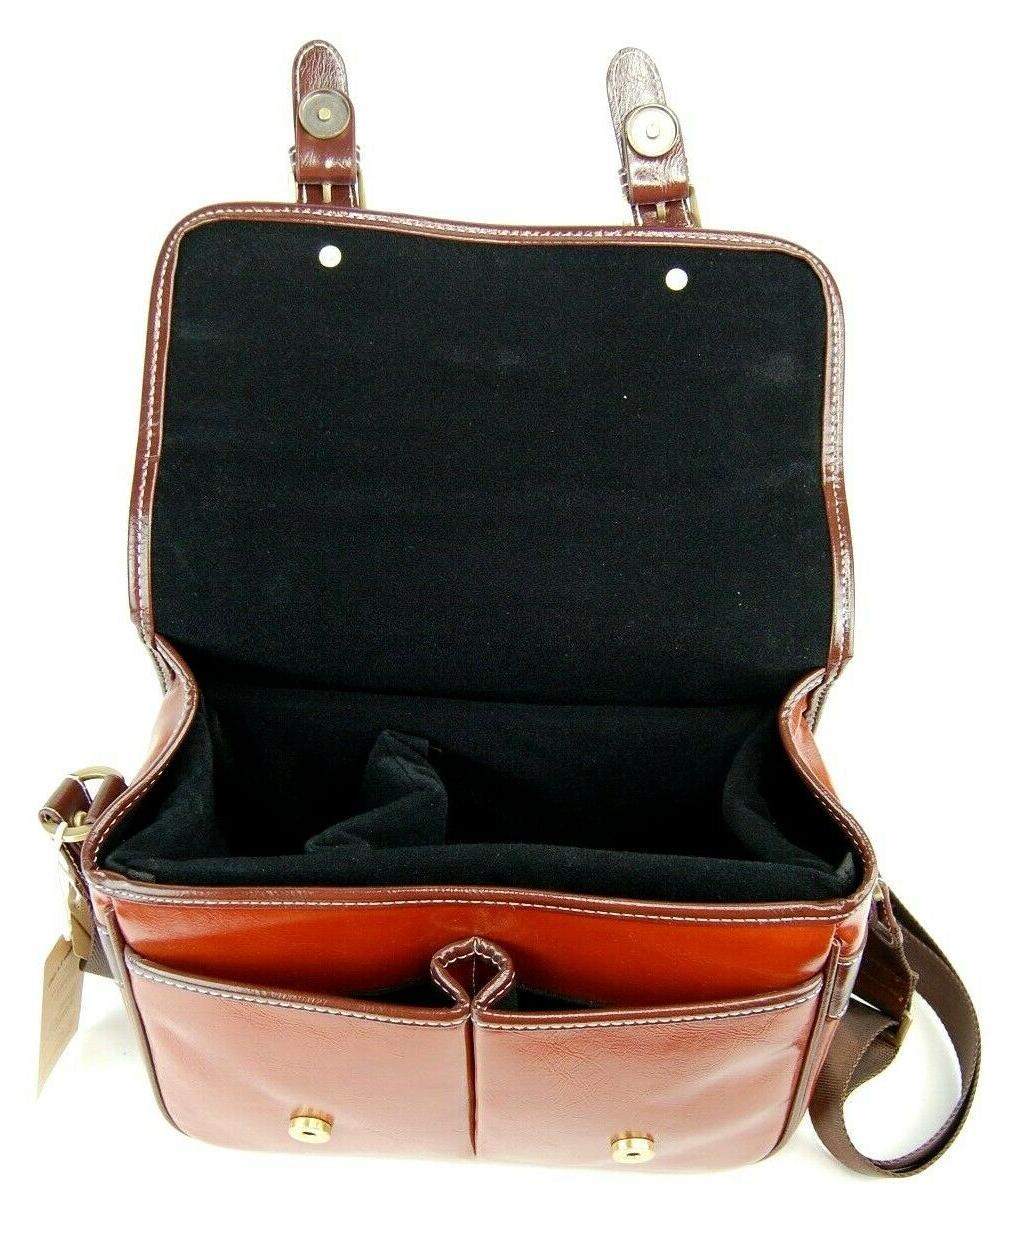 BRAND NEW Camera Bag in Shoulder